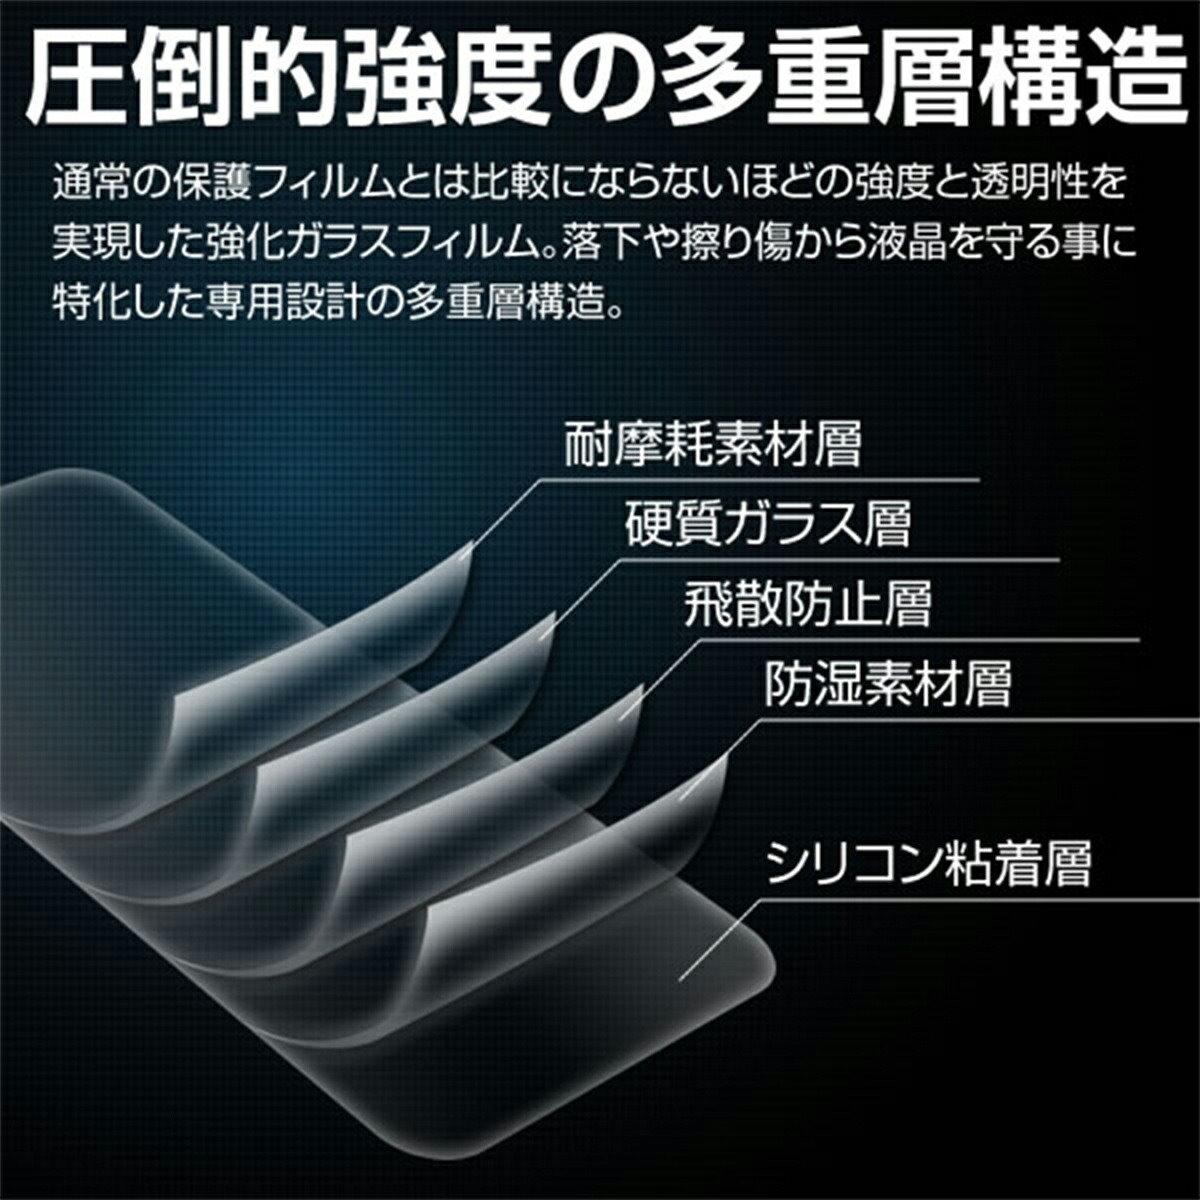 Galaxy S10 SC-03L SCV41 Galaxy S10+ SC-04L SCV42 レンズ保護強化ガラスフィルム